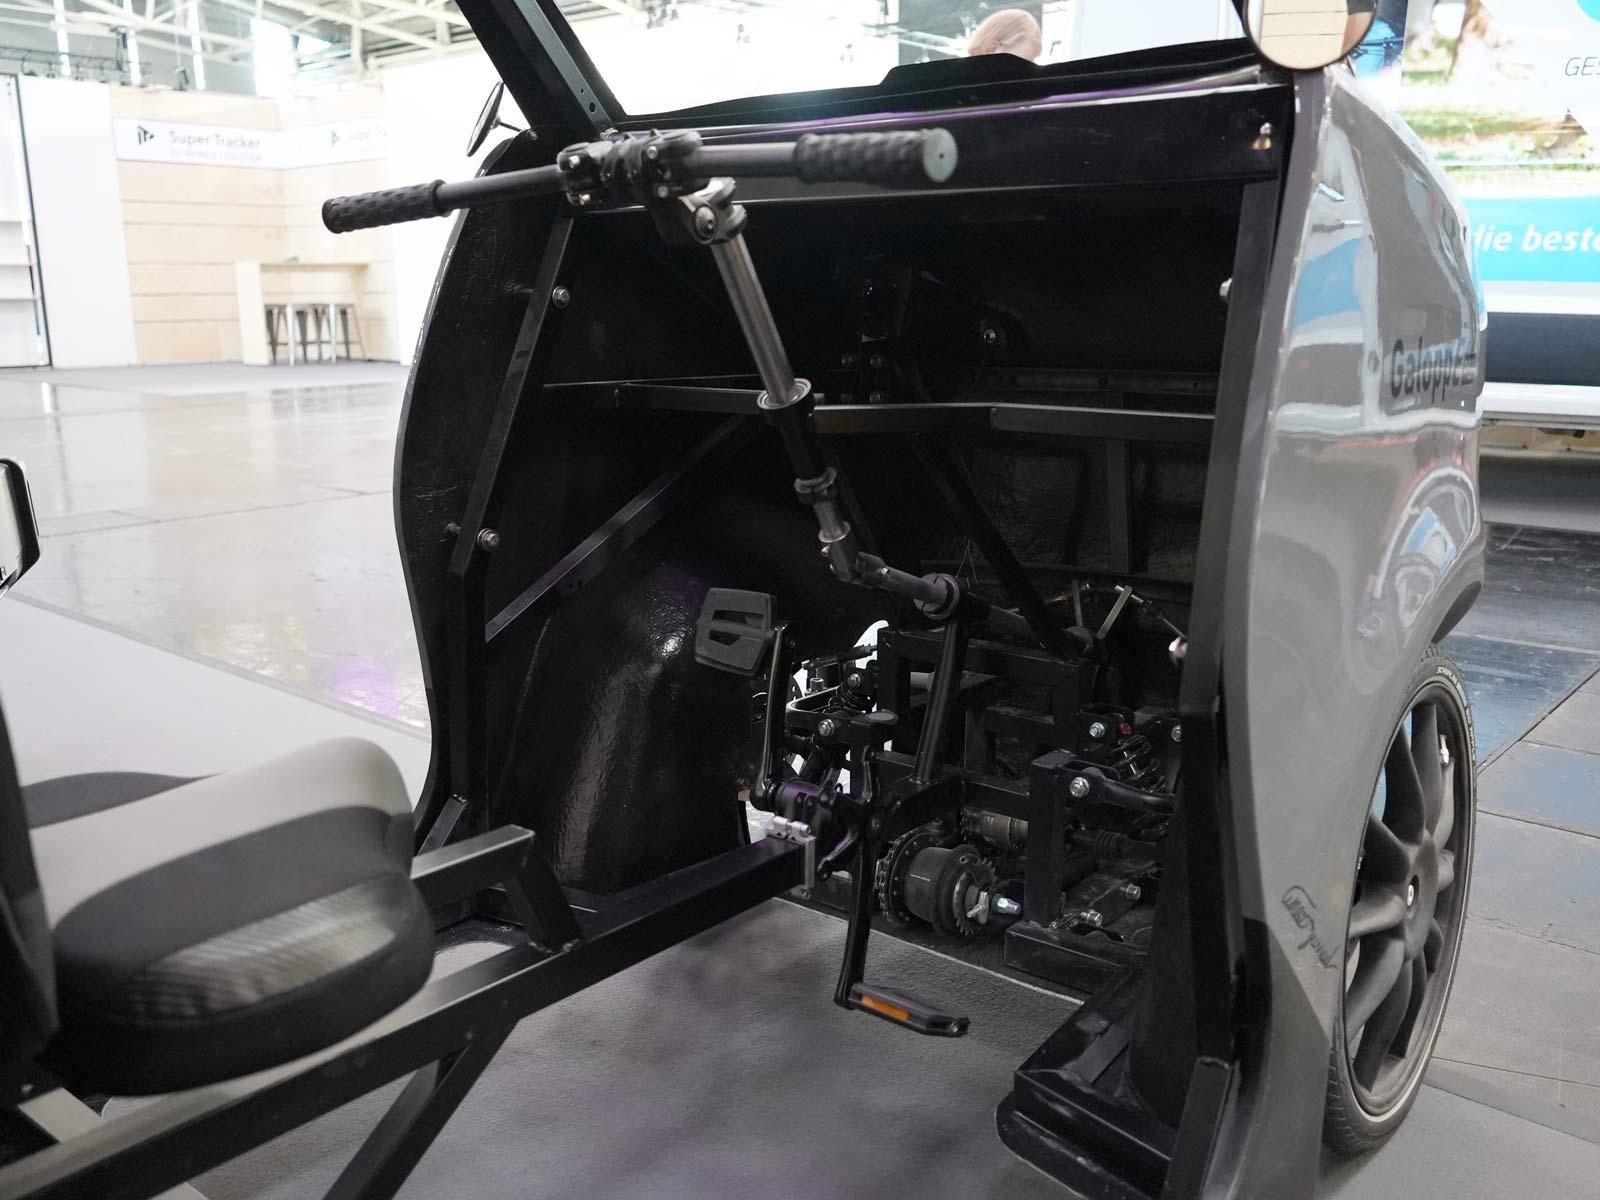 akkurad galoppe pep e-bike cargo truck concept